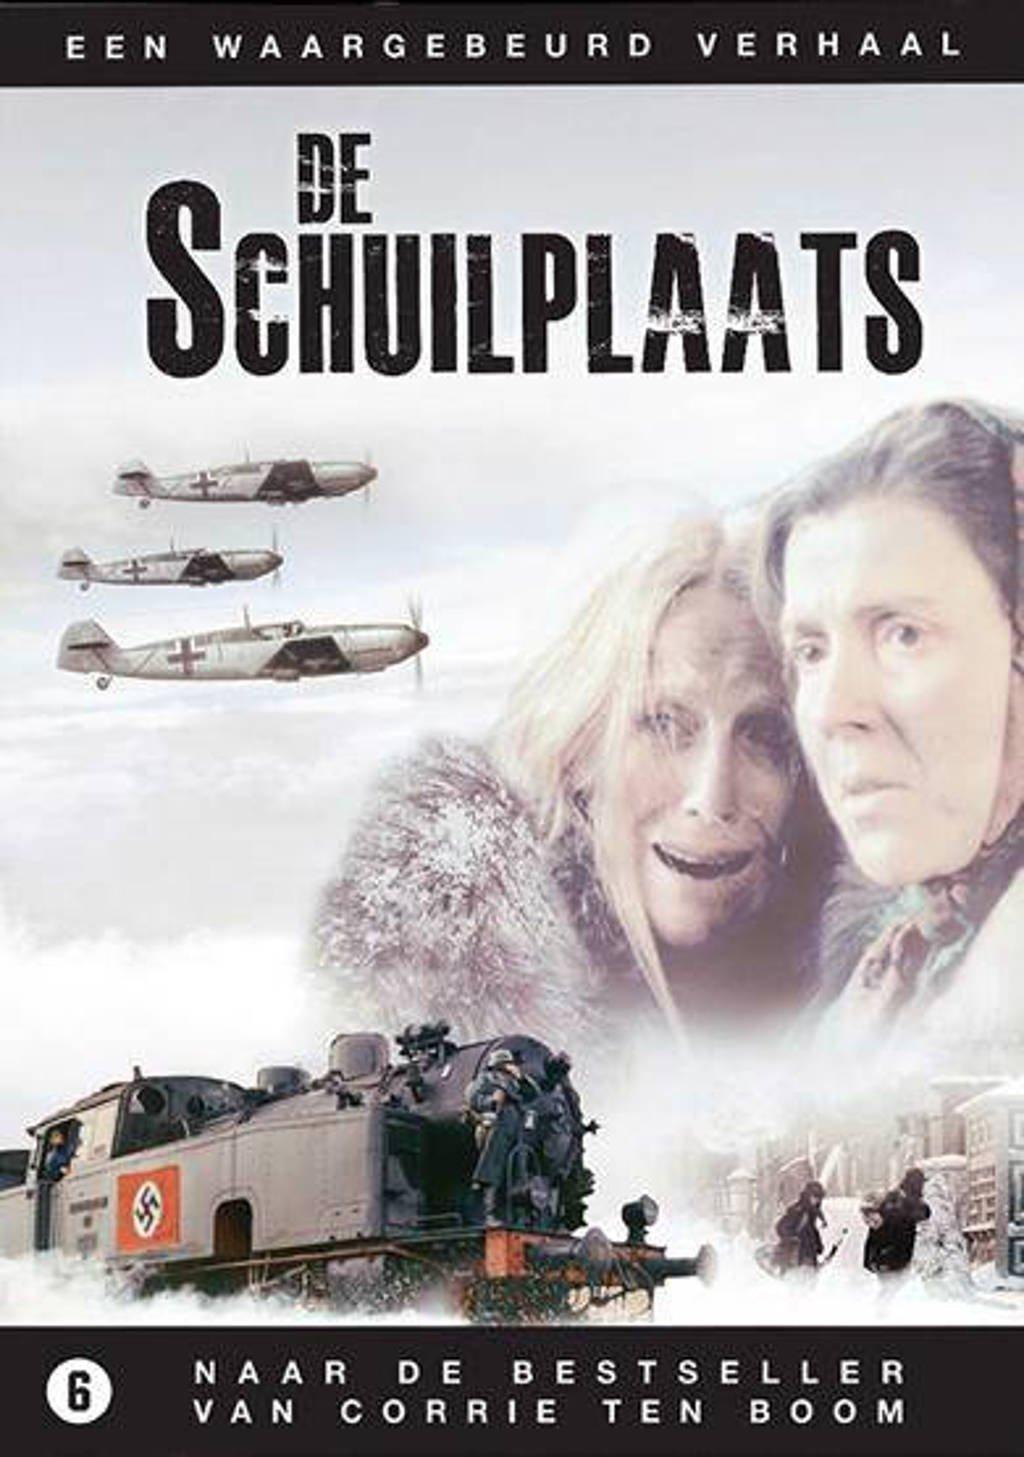 Schuilplaats (DVD)